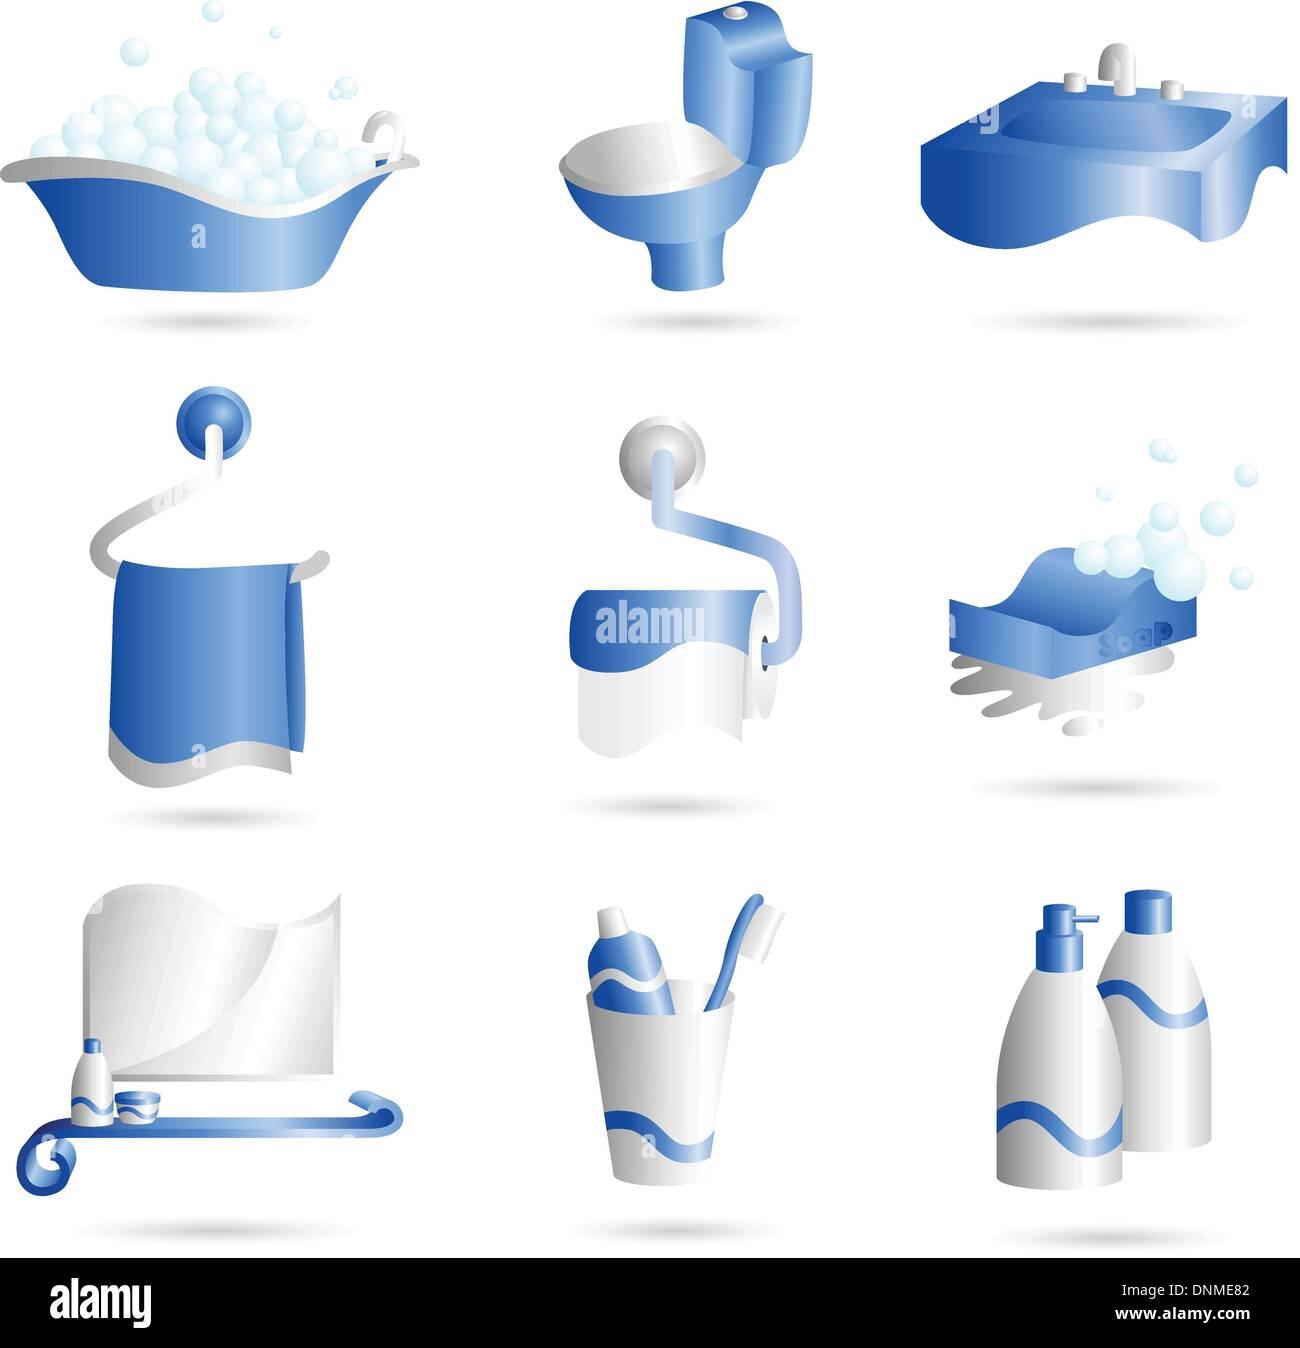 Una illustrazione vettoriale di icone di cose che possono essere trovati nella stanza da bagno Immagini Stock